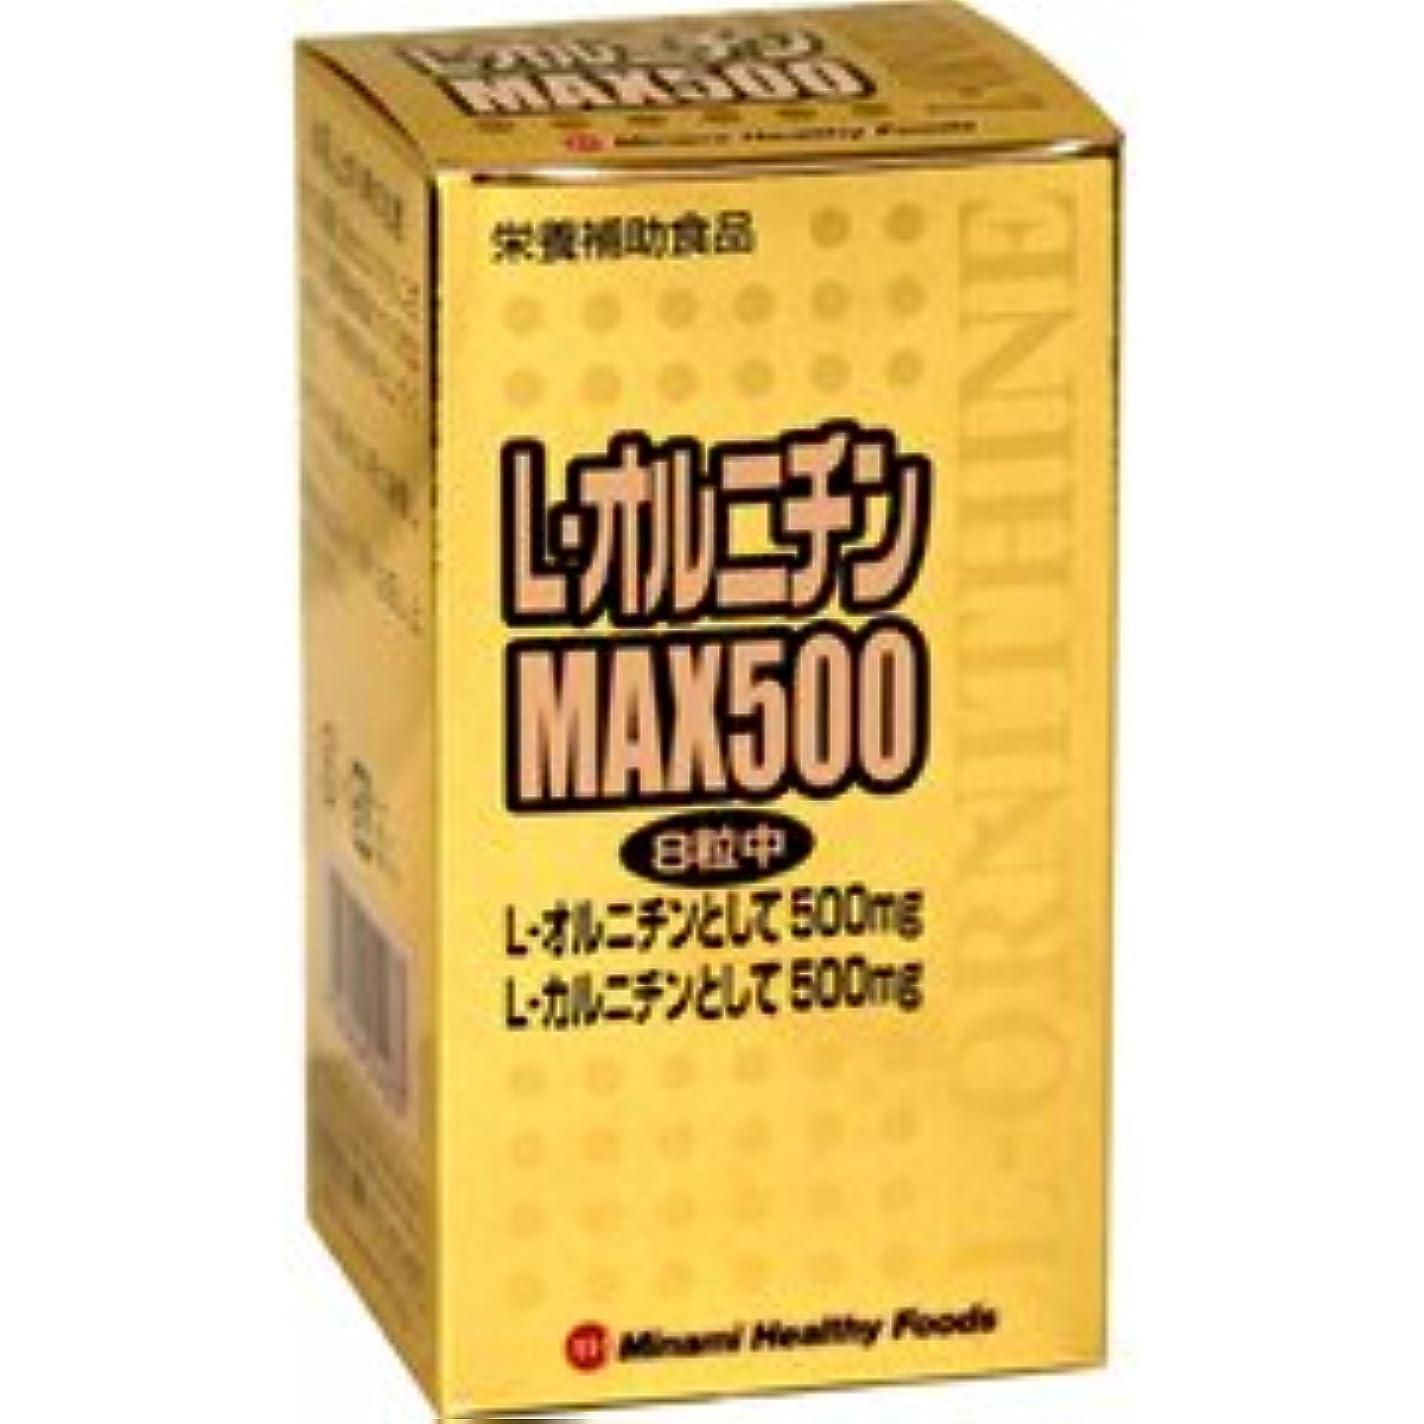 前売スパイ知恵L-オルニチン MAX500 240粒 【ミナミヘルシーフーズ】